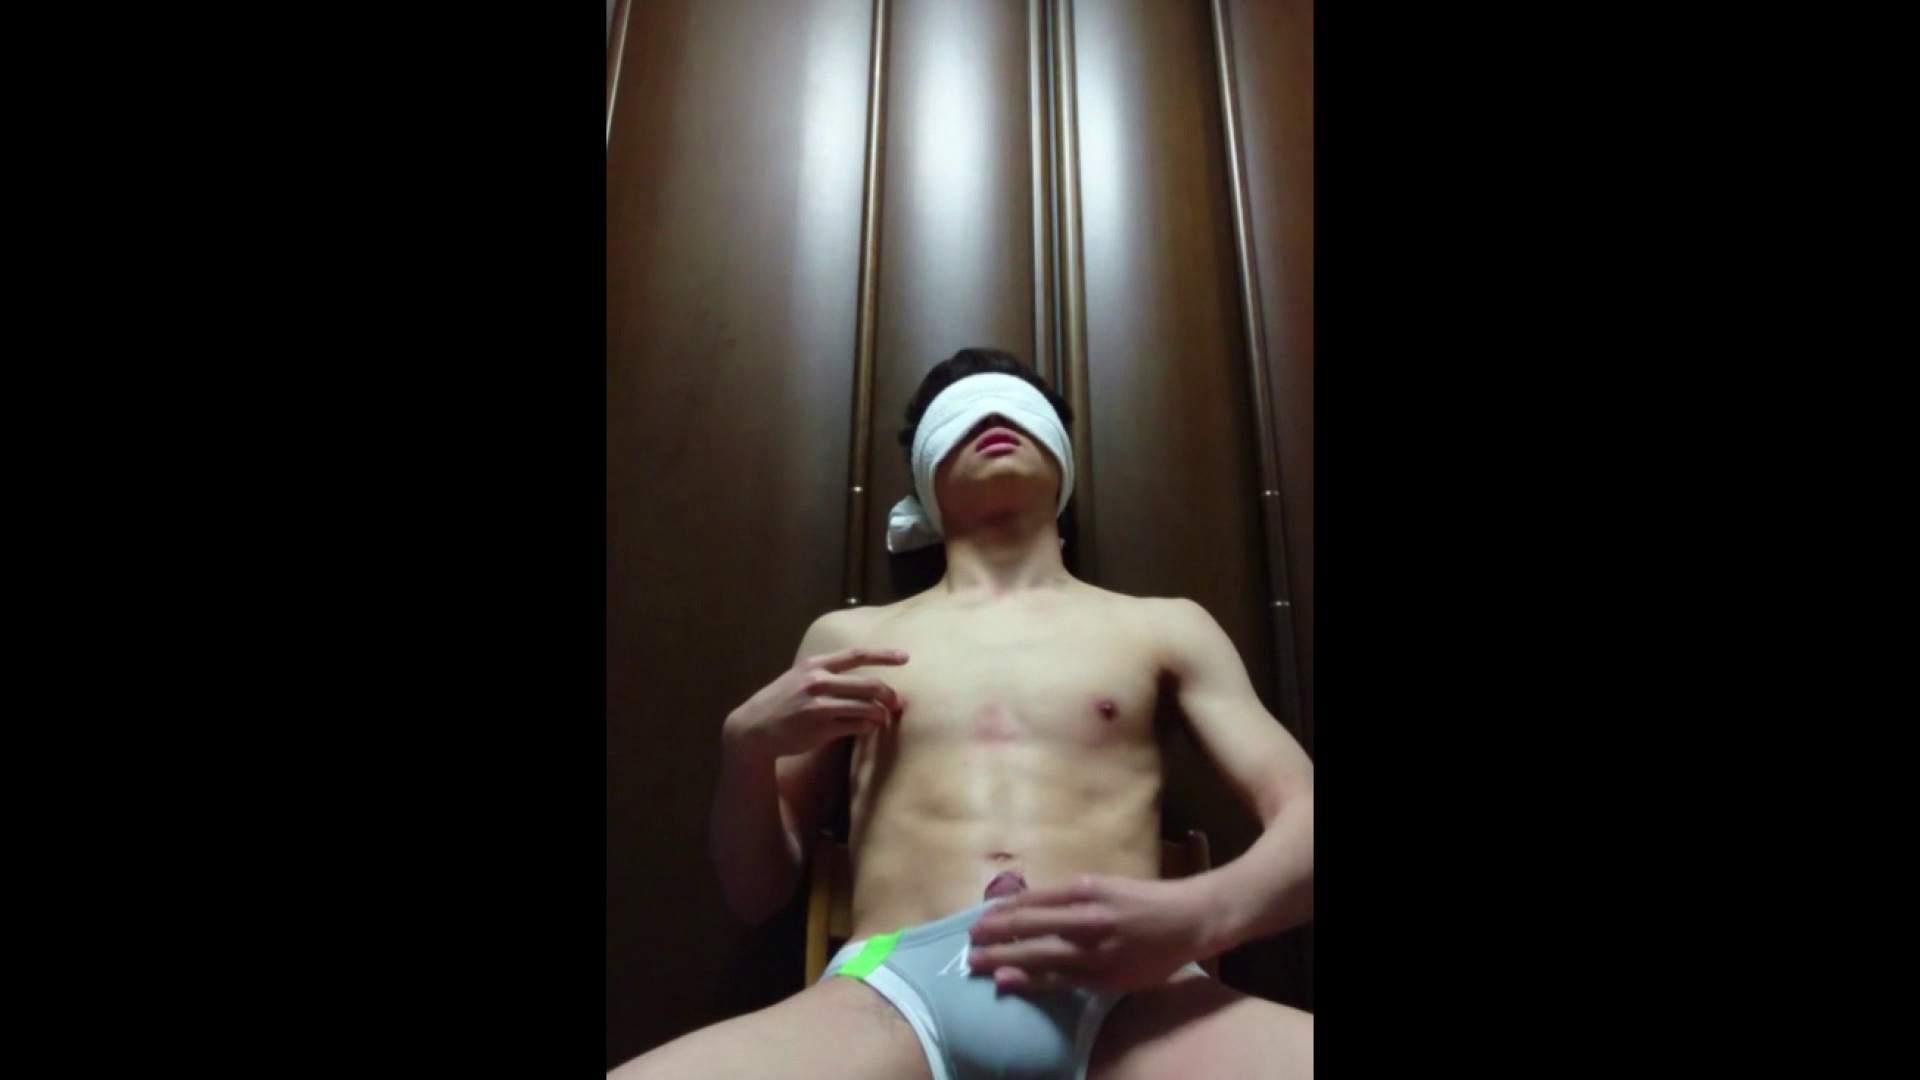 個人撮影 自慰の極意 Vol.21 ゲイの自慰 ゲイモロ画像 93pic 9